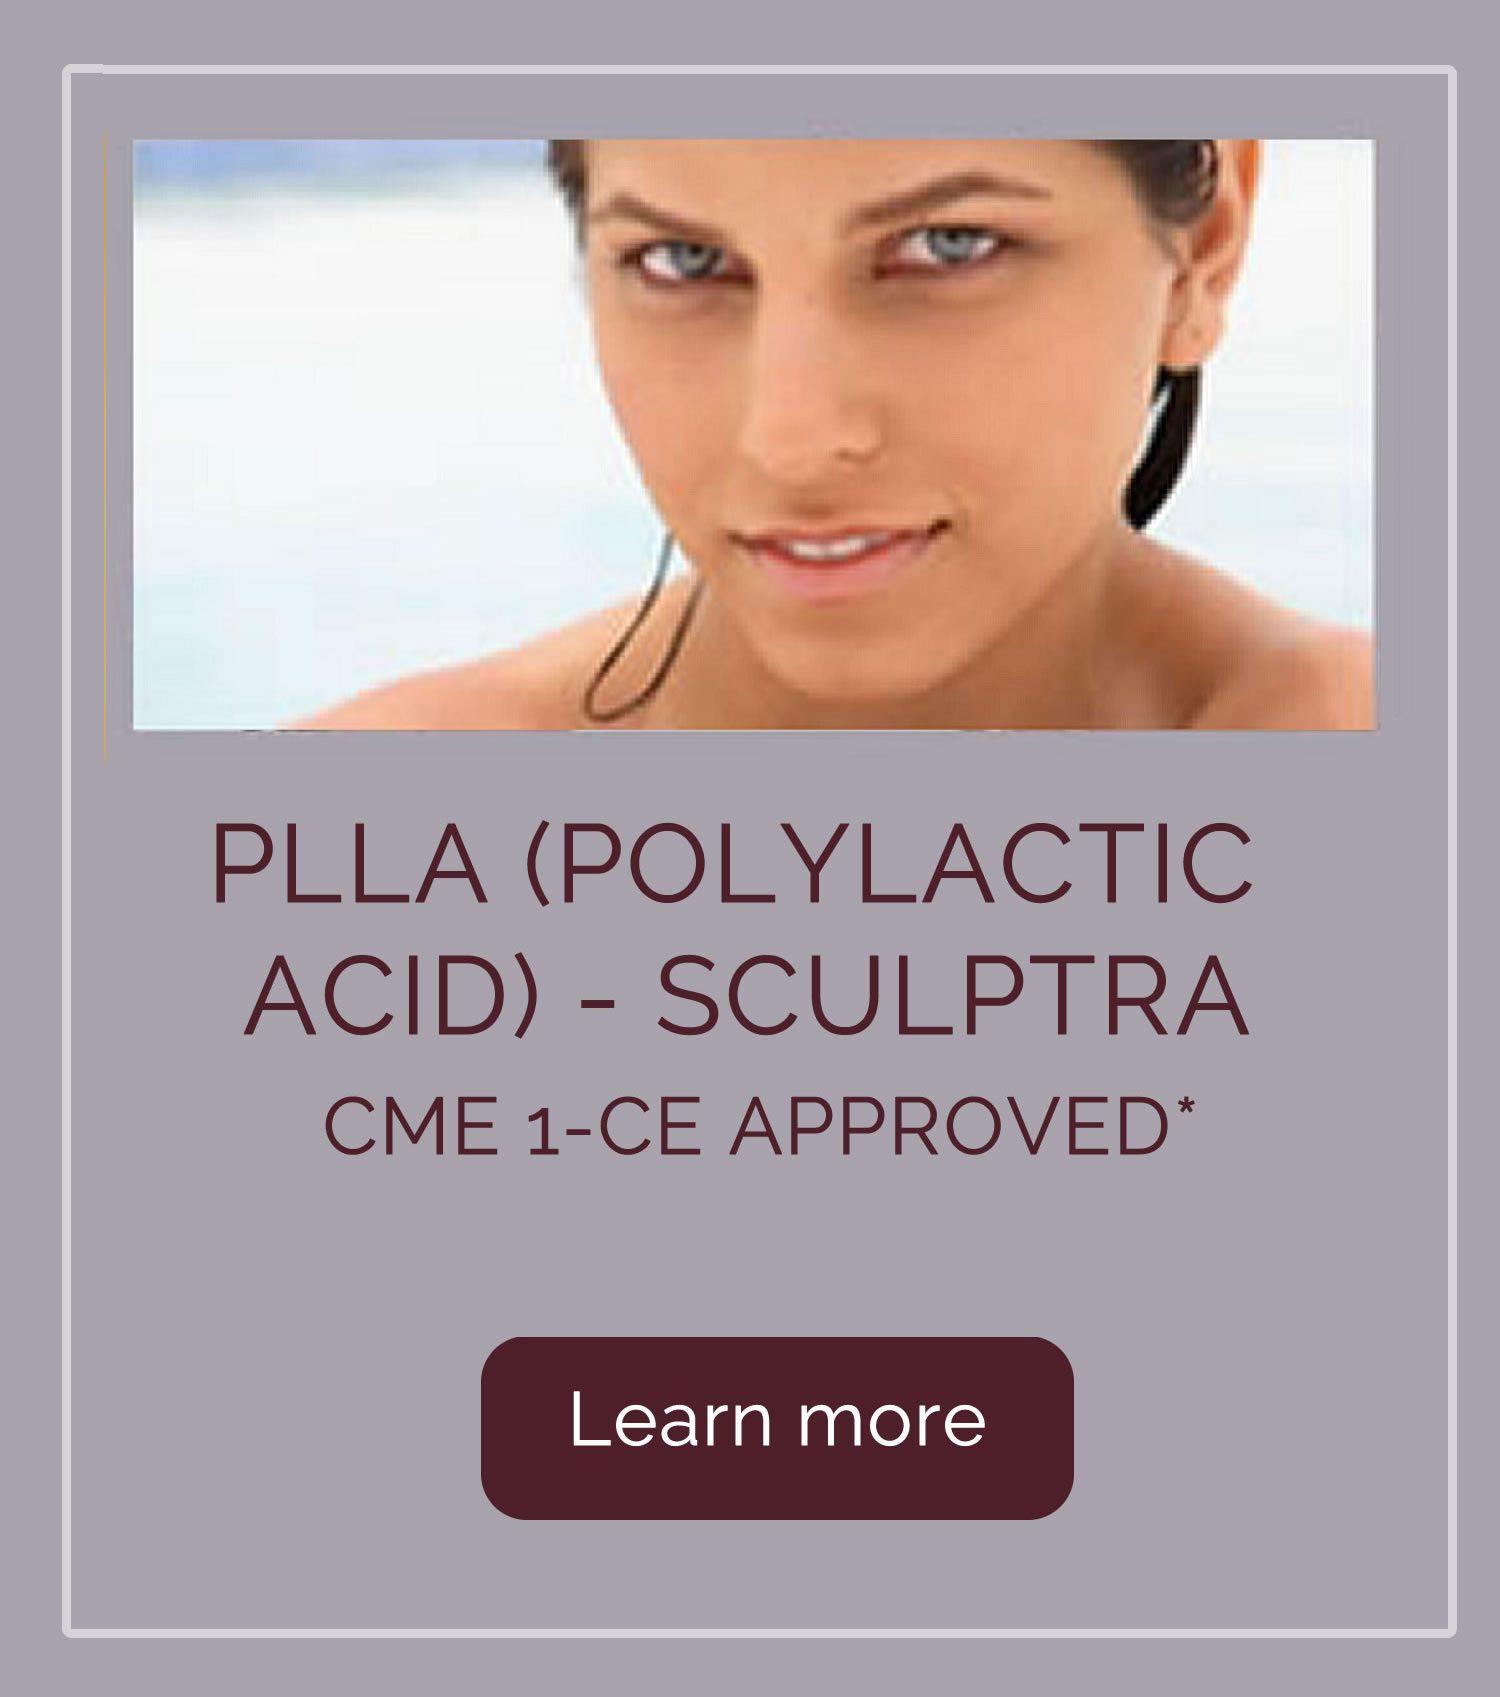 PLLA (Polylactic Acid) - Sculptra